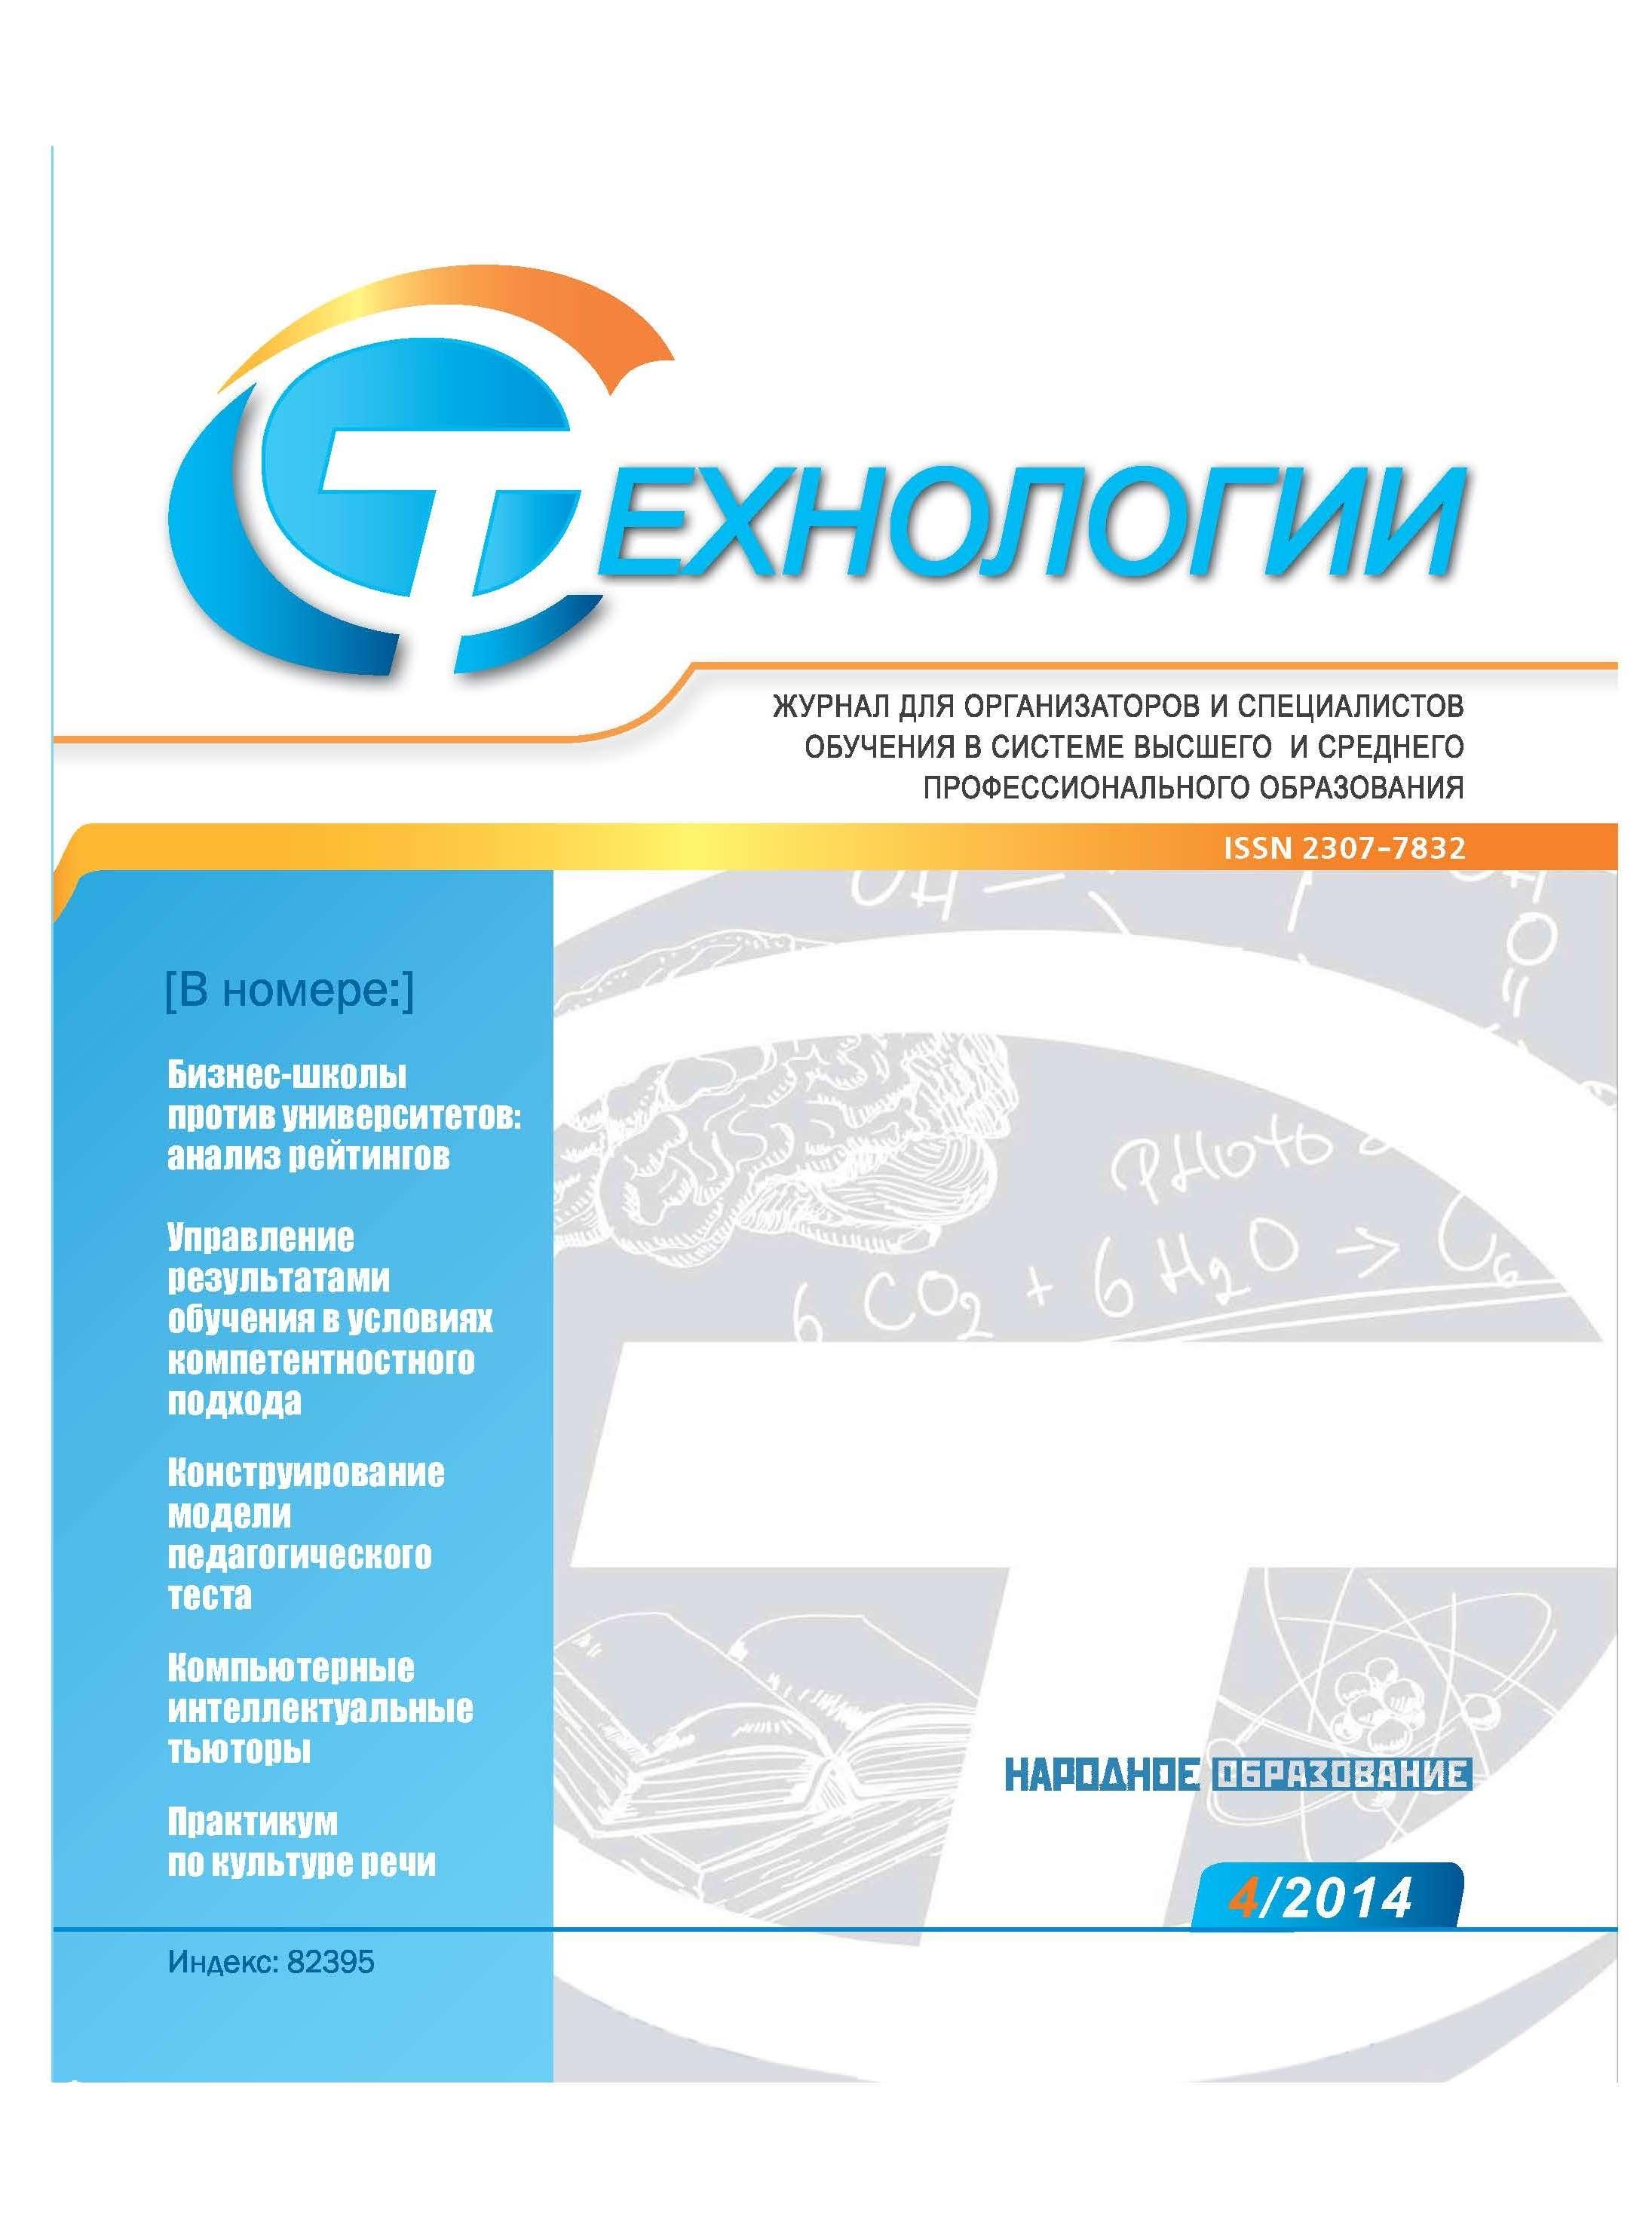 """№4 журнала """"Образовательные технологии"""" за 2014 г."""